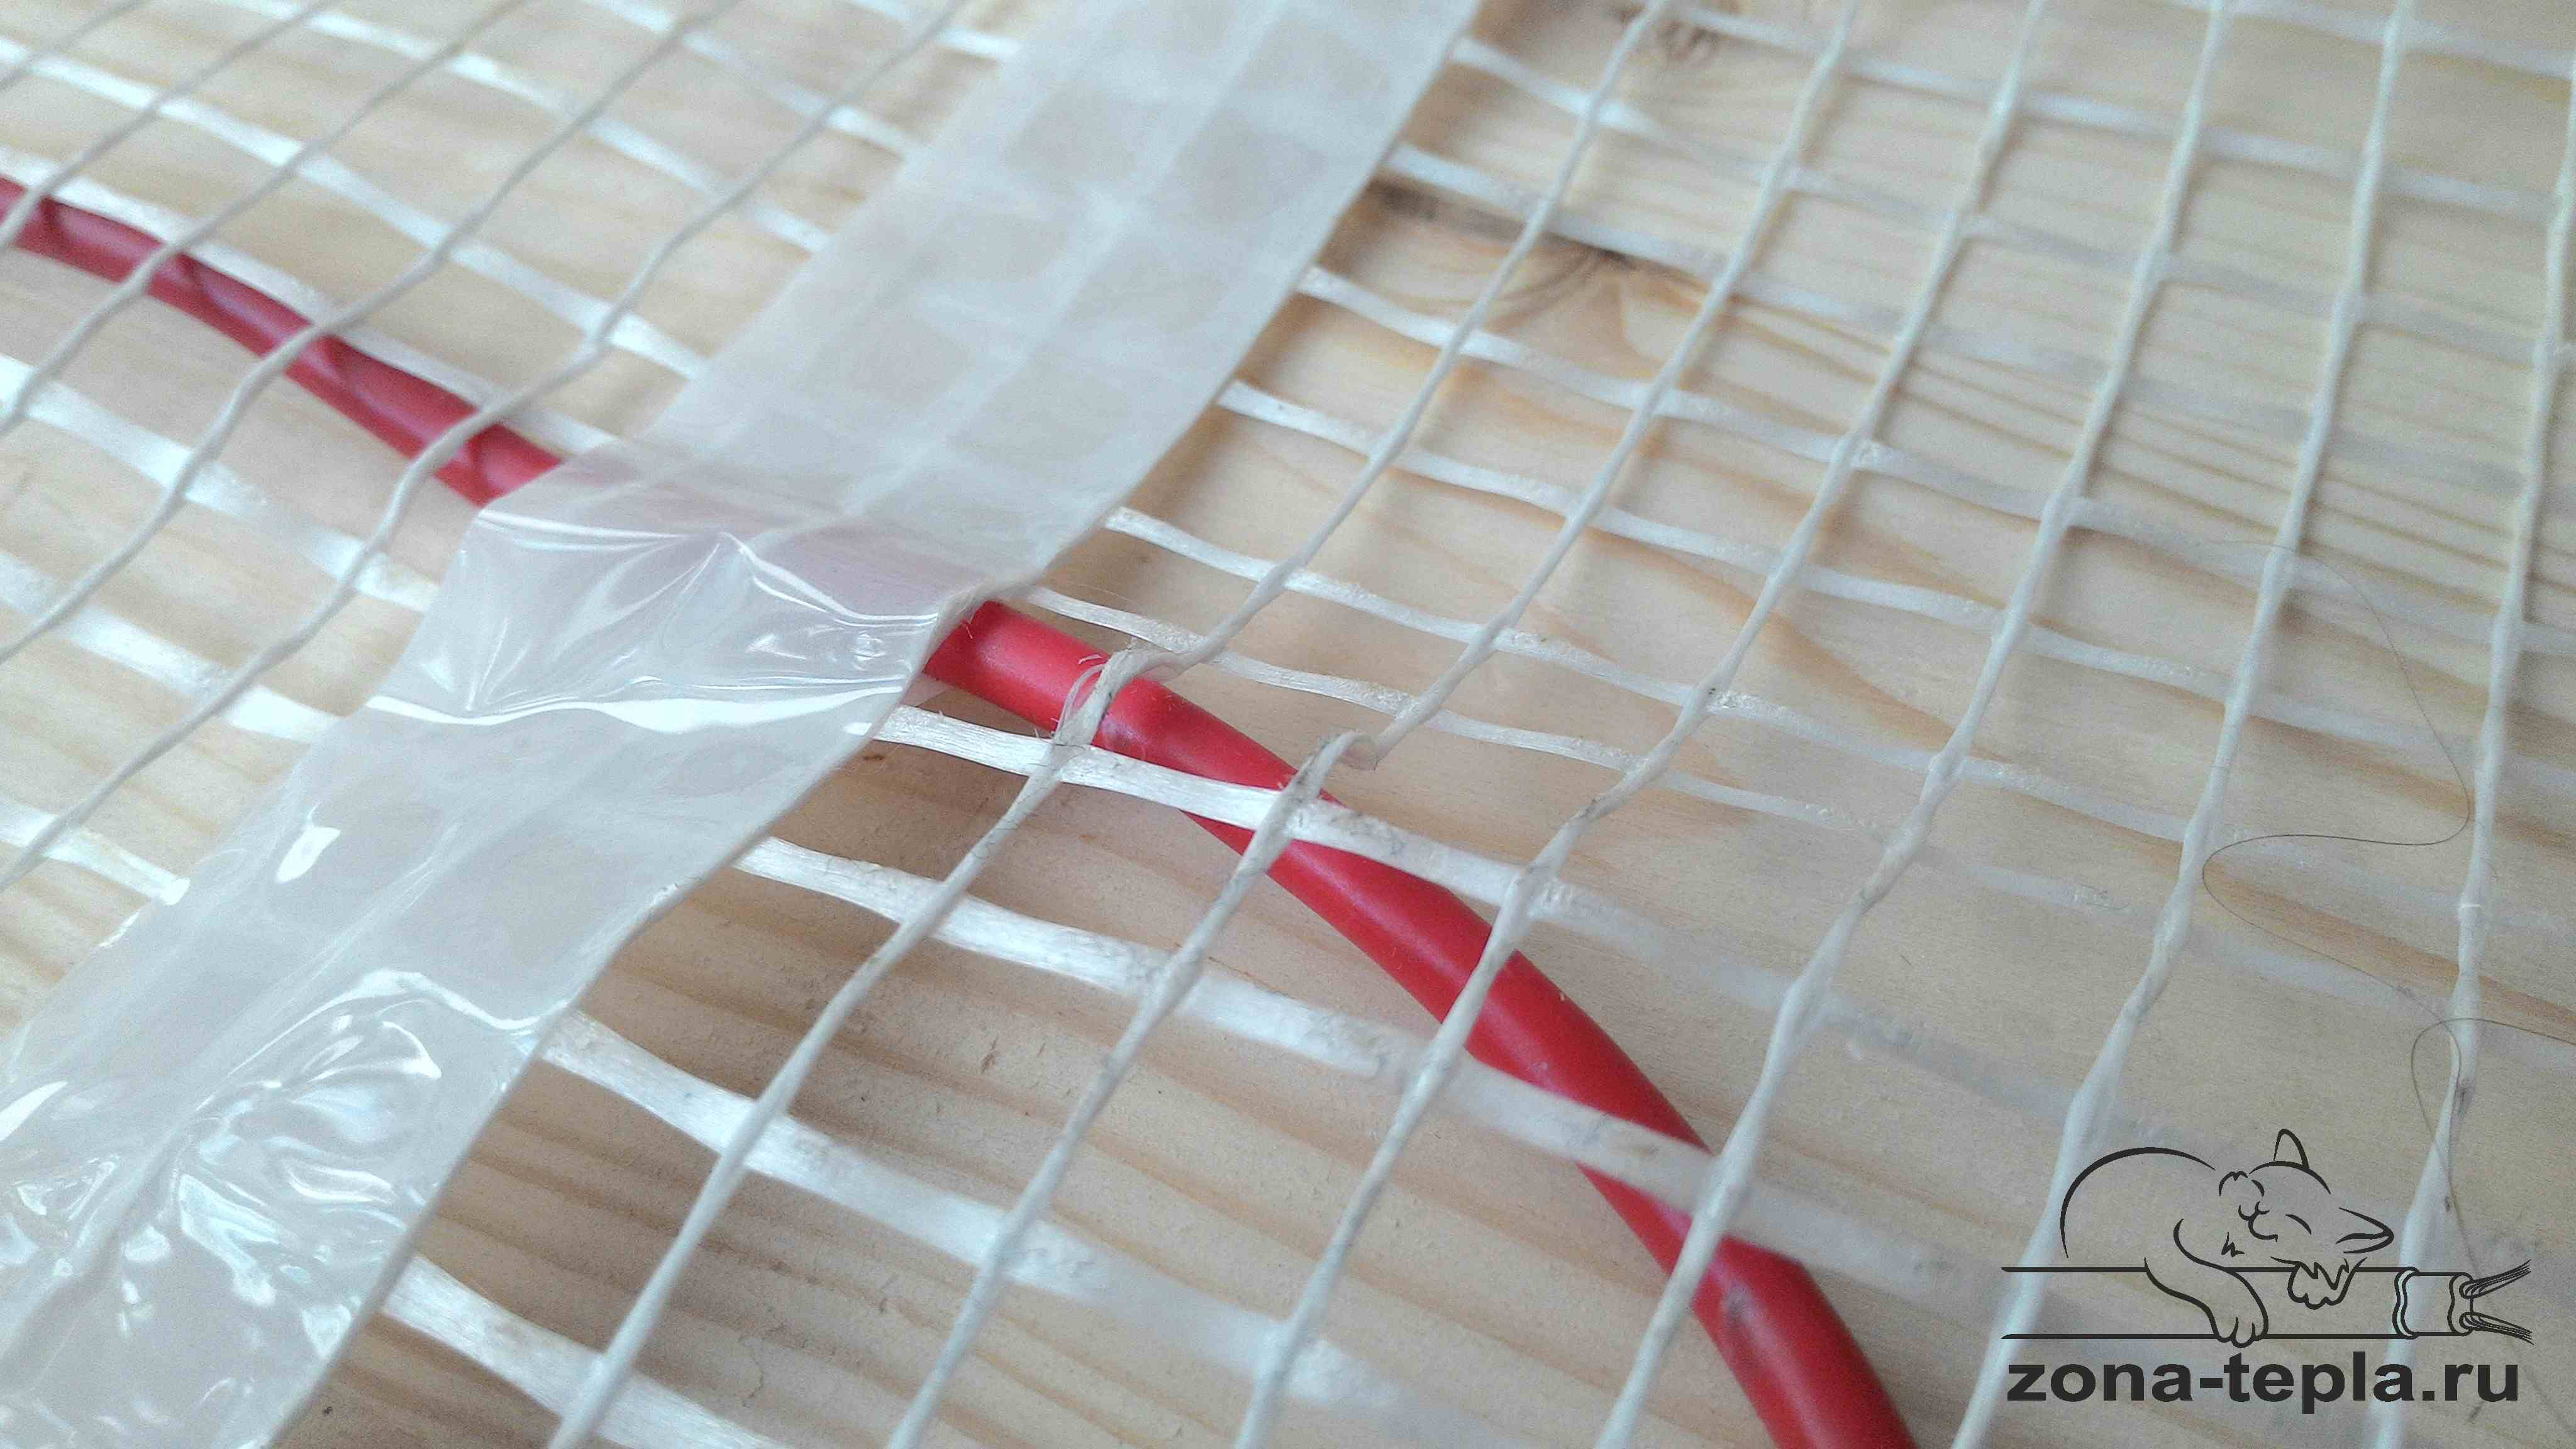 Крепление греющего кабеля к сетке на мате теплый пол под плитку электрический